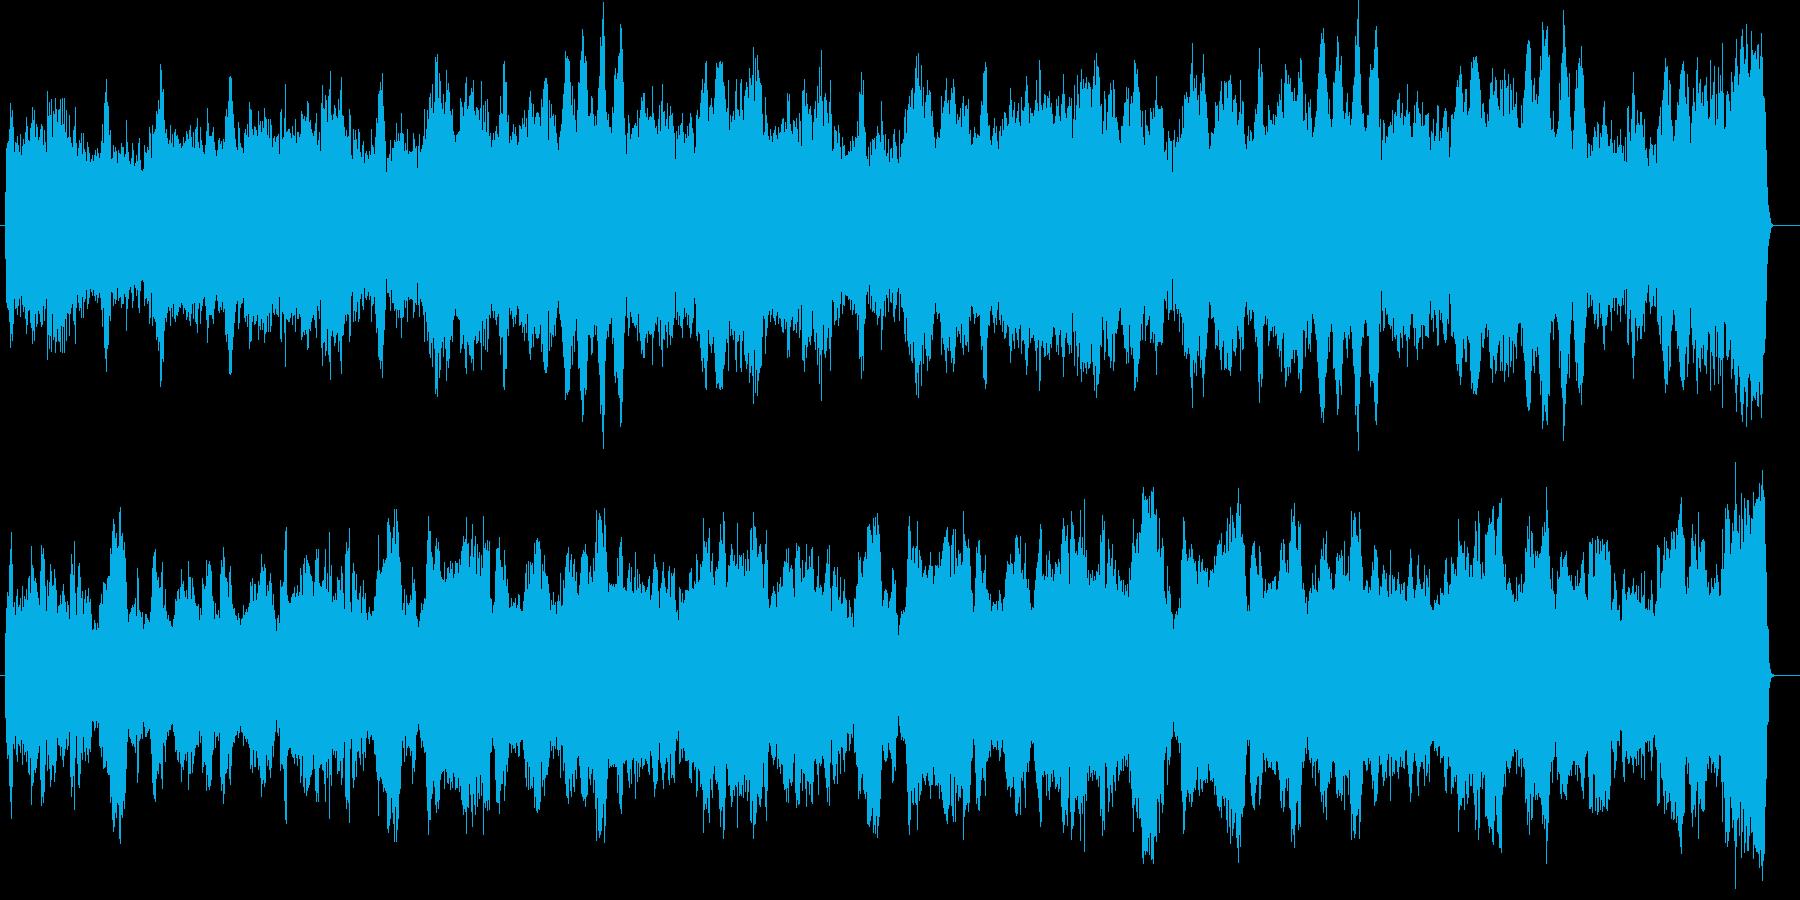 上品で希望に満ちたBGMの再生済みの波形